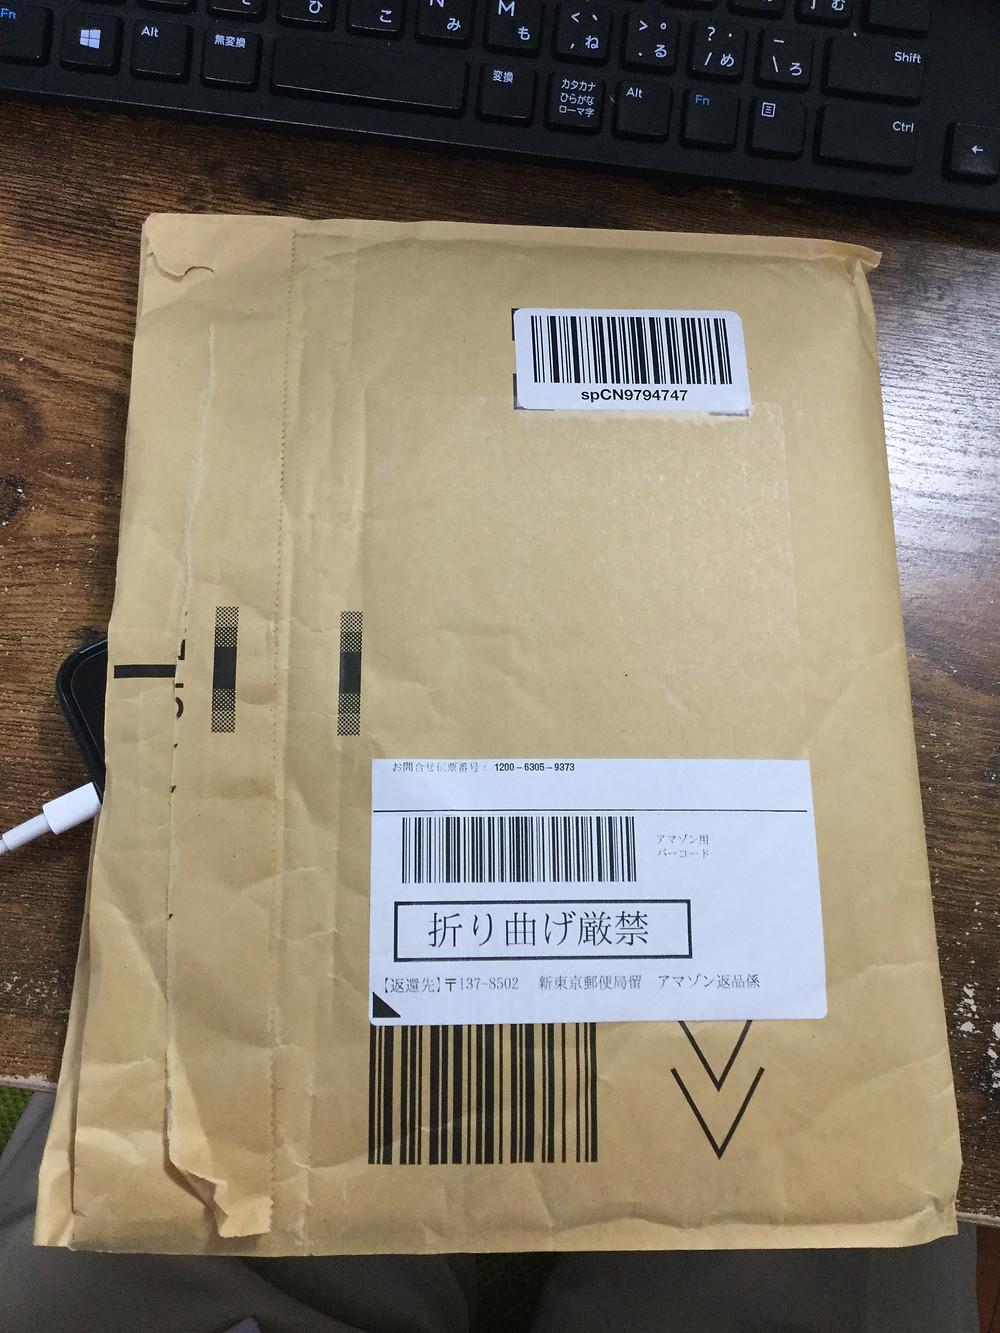 Amazonの袋の中に入れて見ないようにしています。